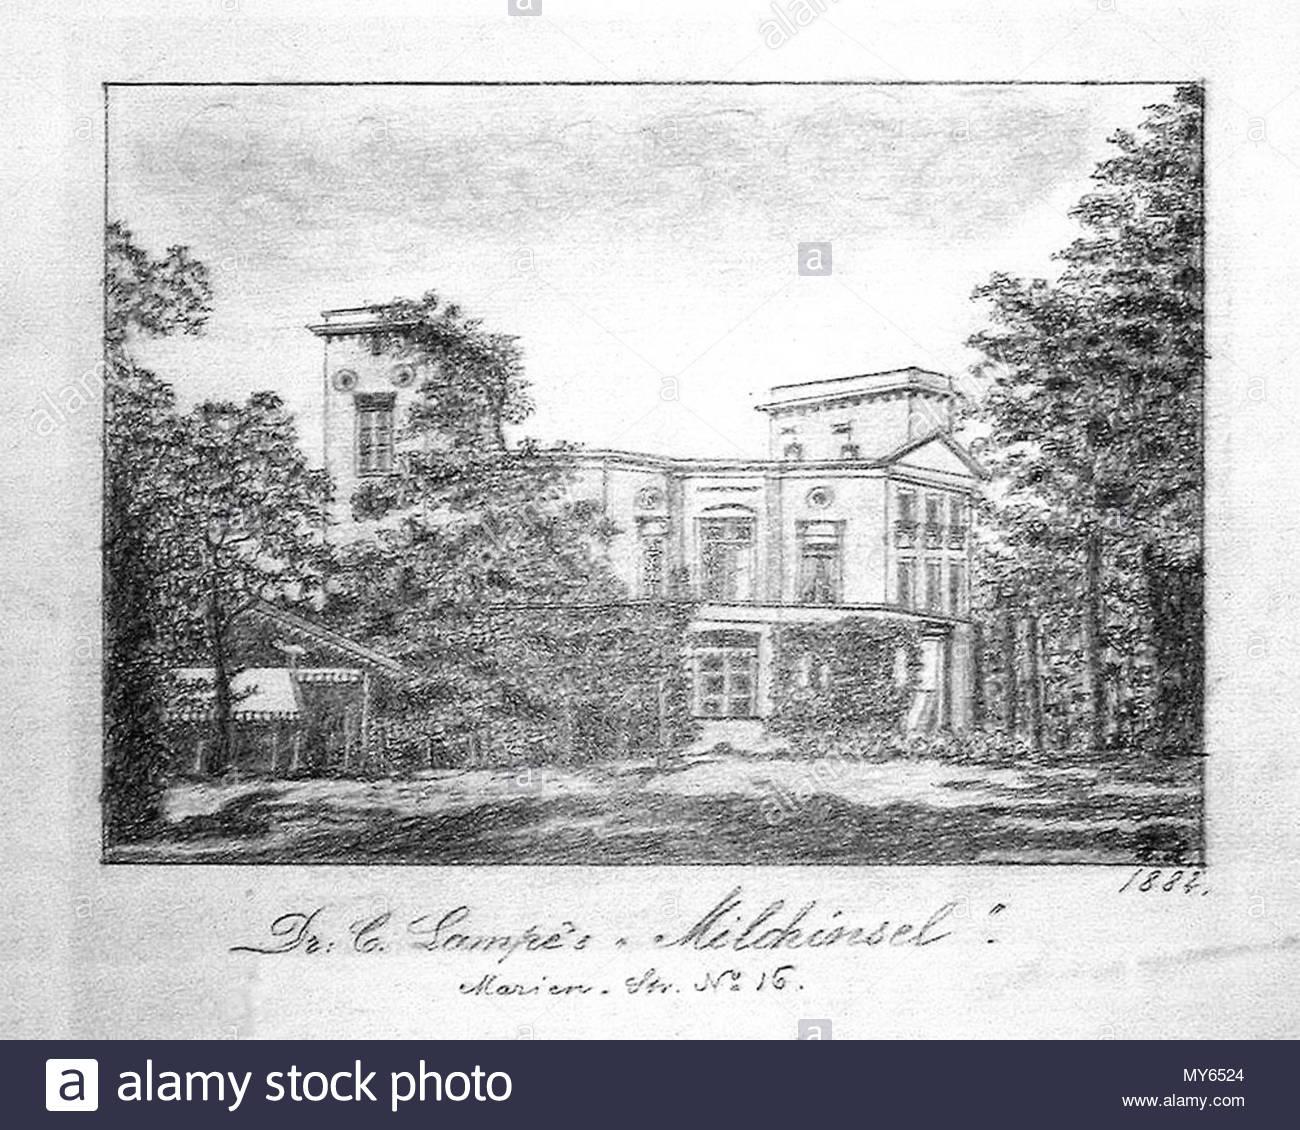 . English: Marienstraße 16 - Dr. Lampes Milchinsel (Bleistiftzeichnung). 1882. A. A. (Zeichner) 319 Leipzig Marienstraße 16. Stockbild